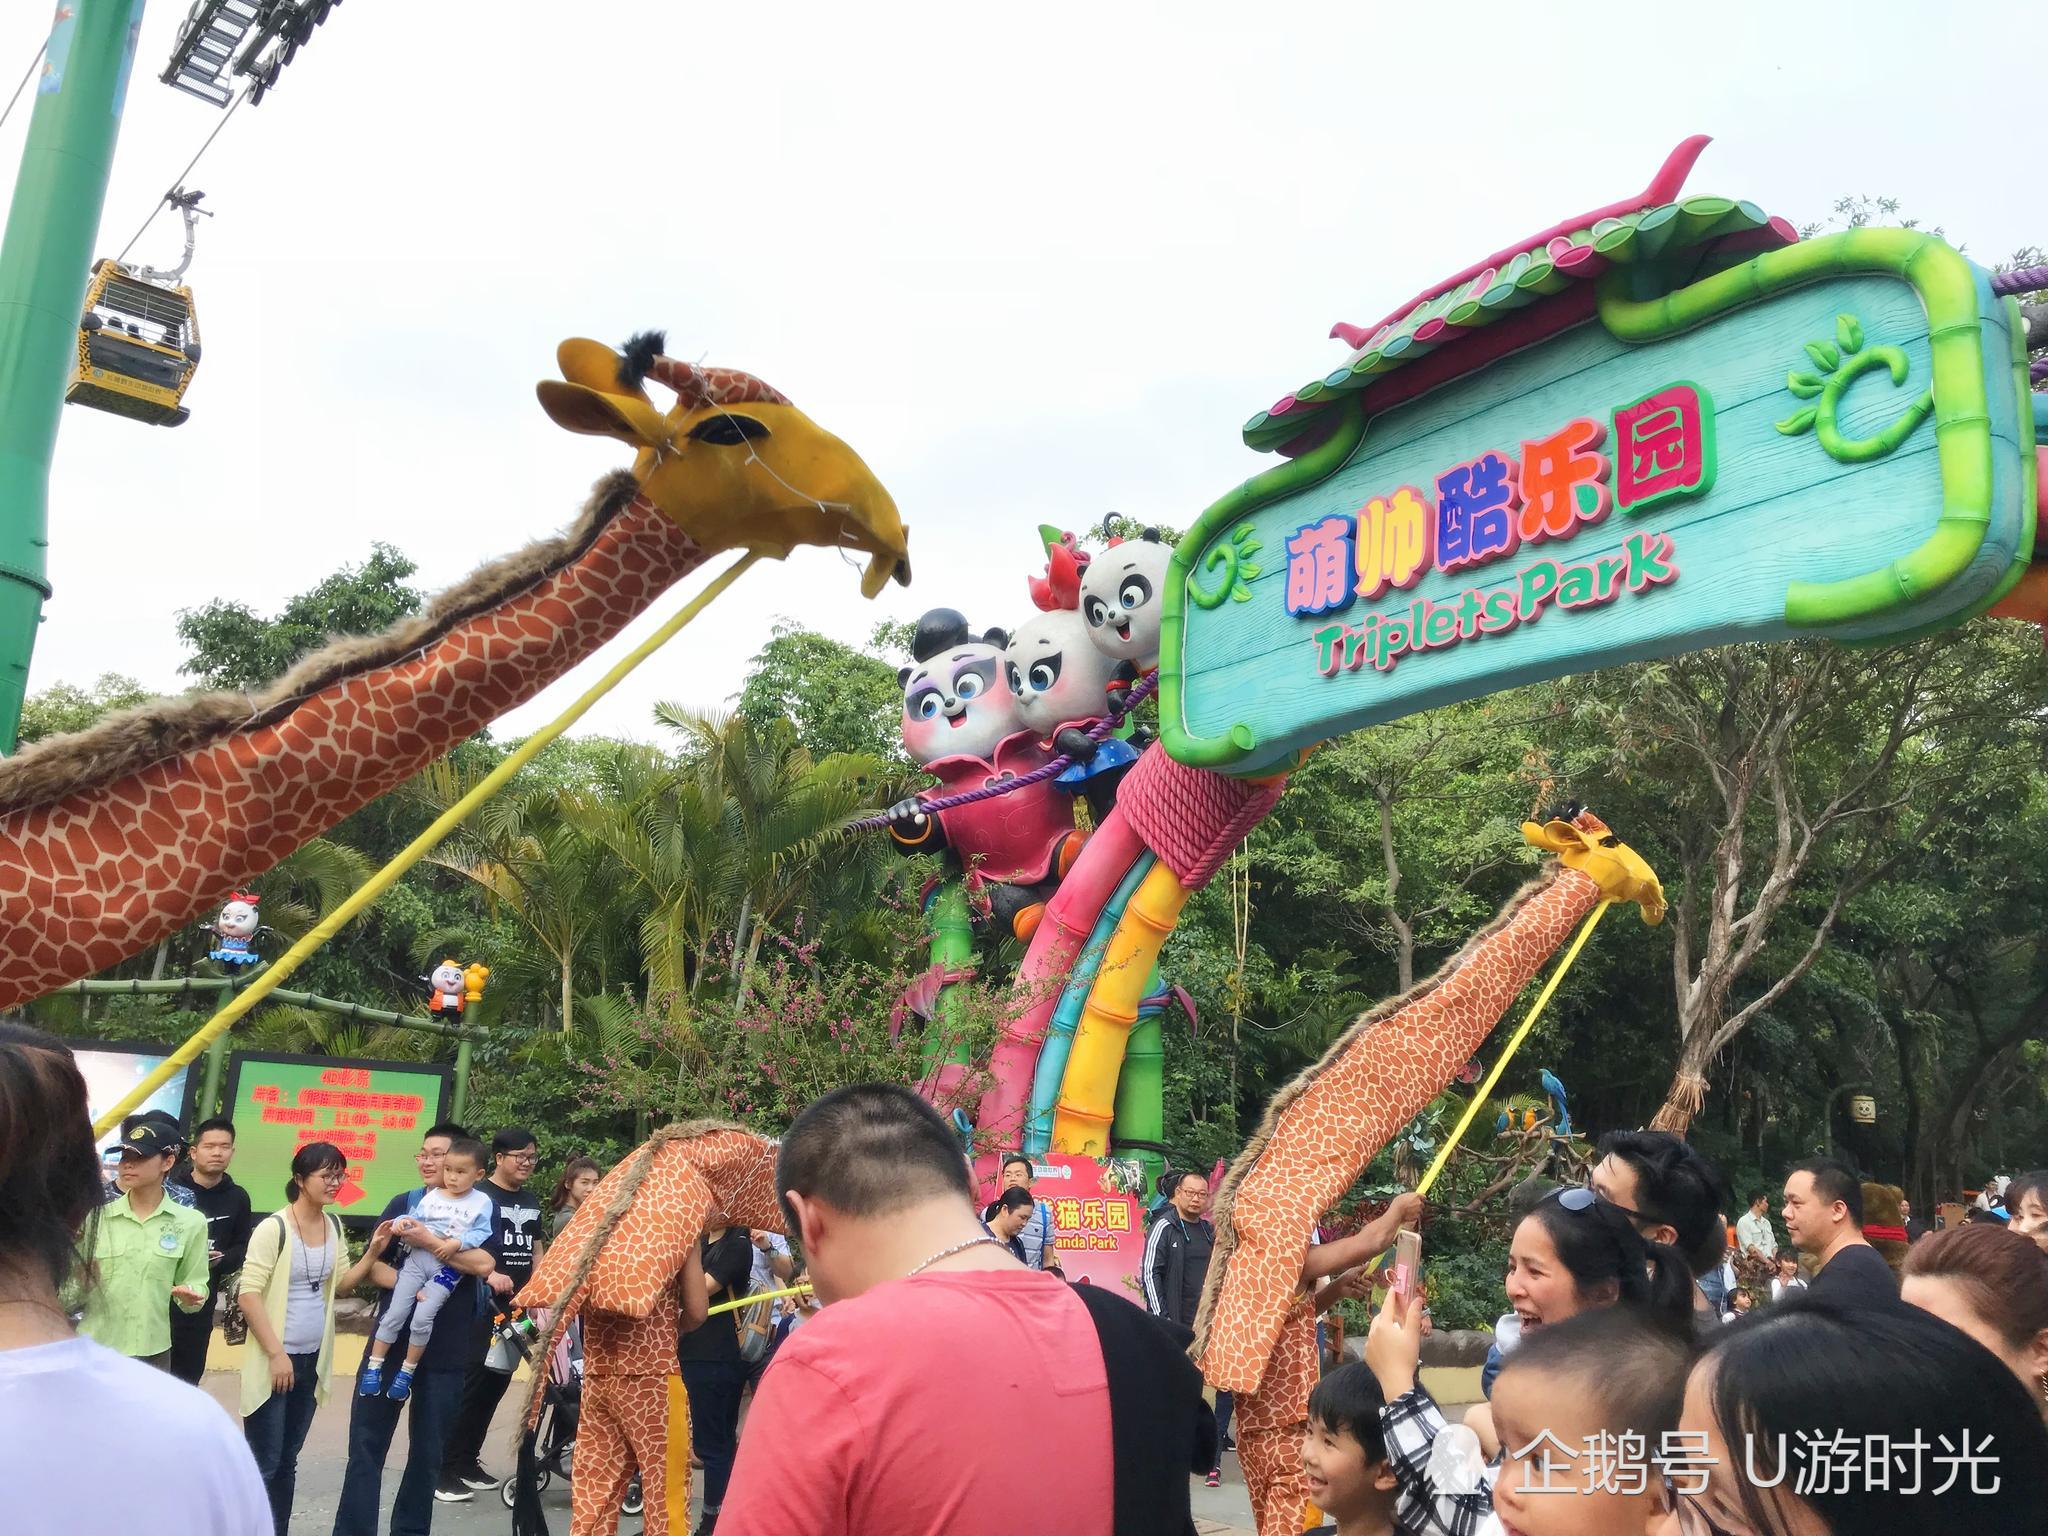 广州长隆野生动物园新玩法